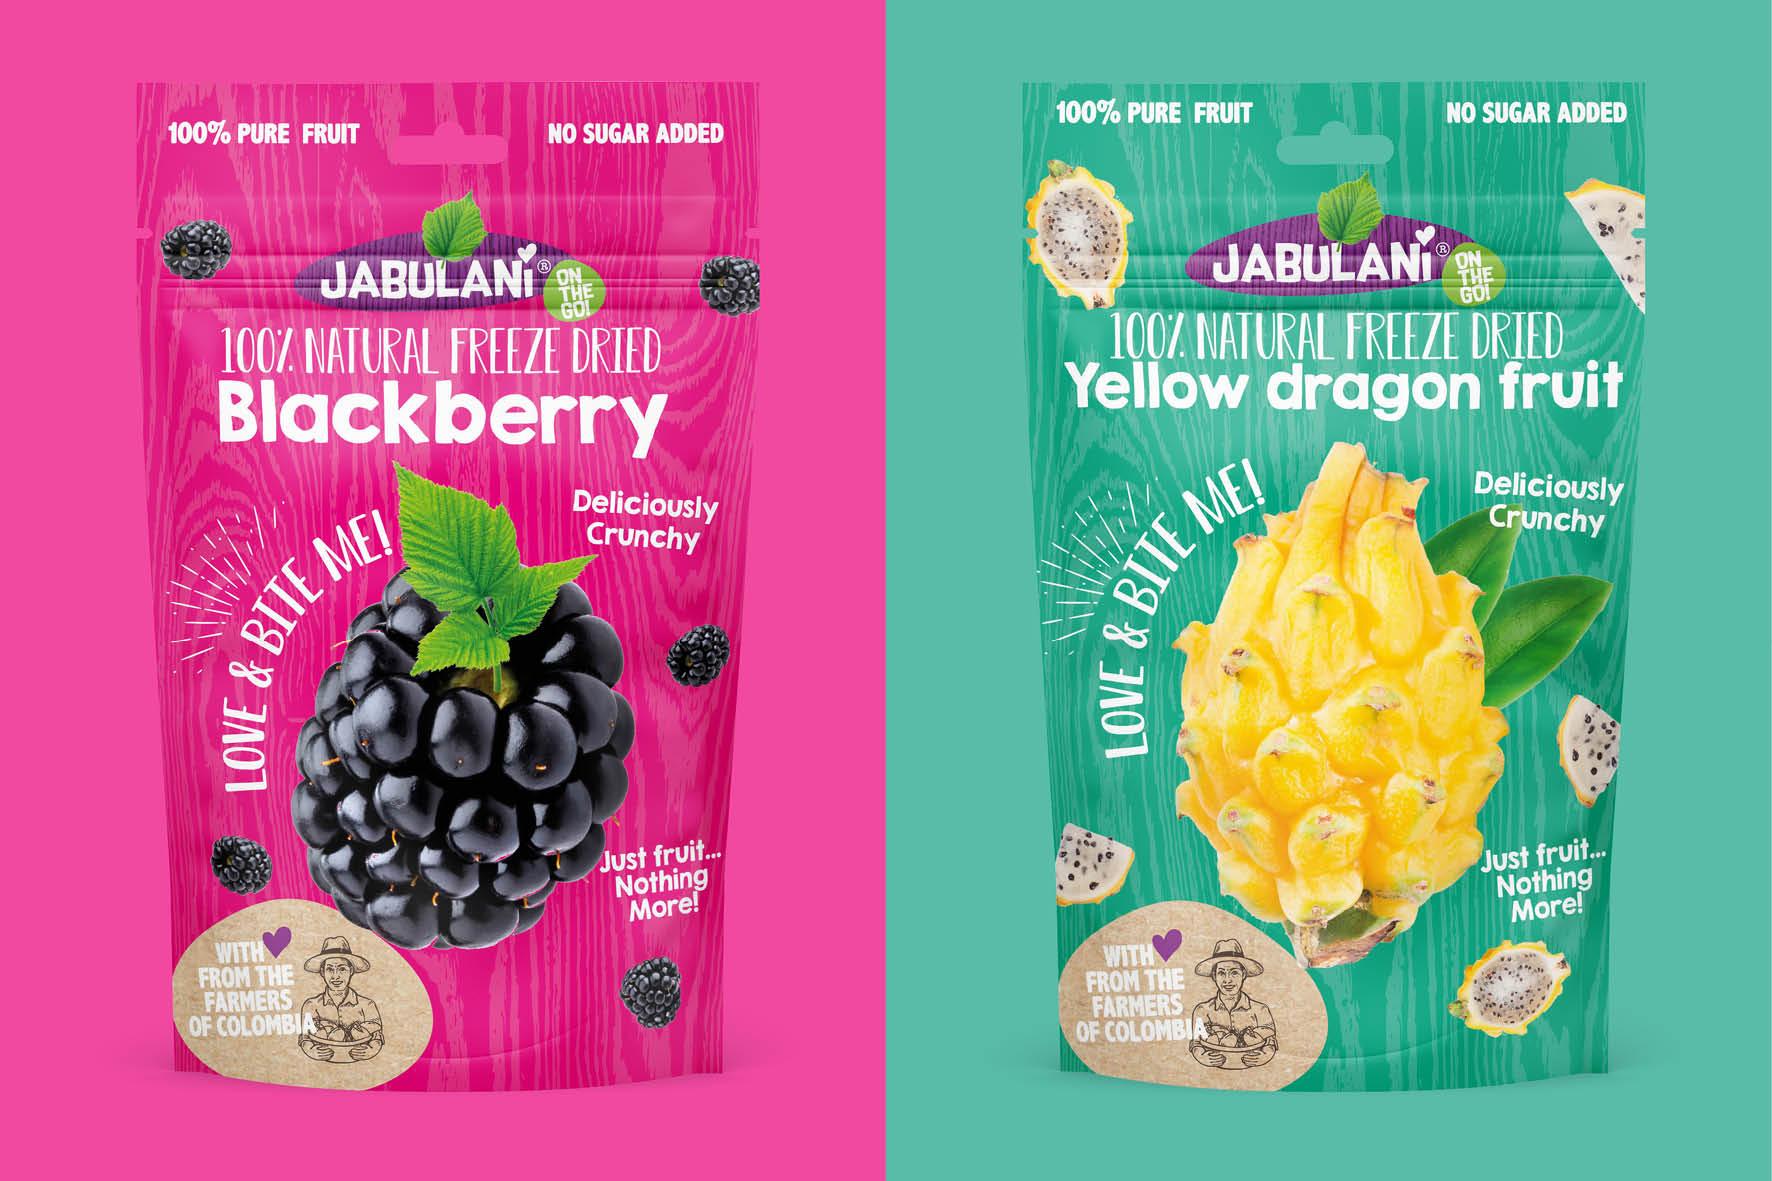 Merk en verpakkingsontwerp Jabulani